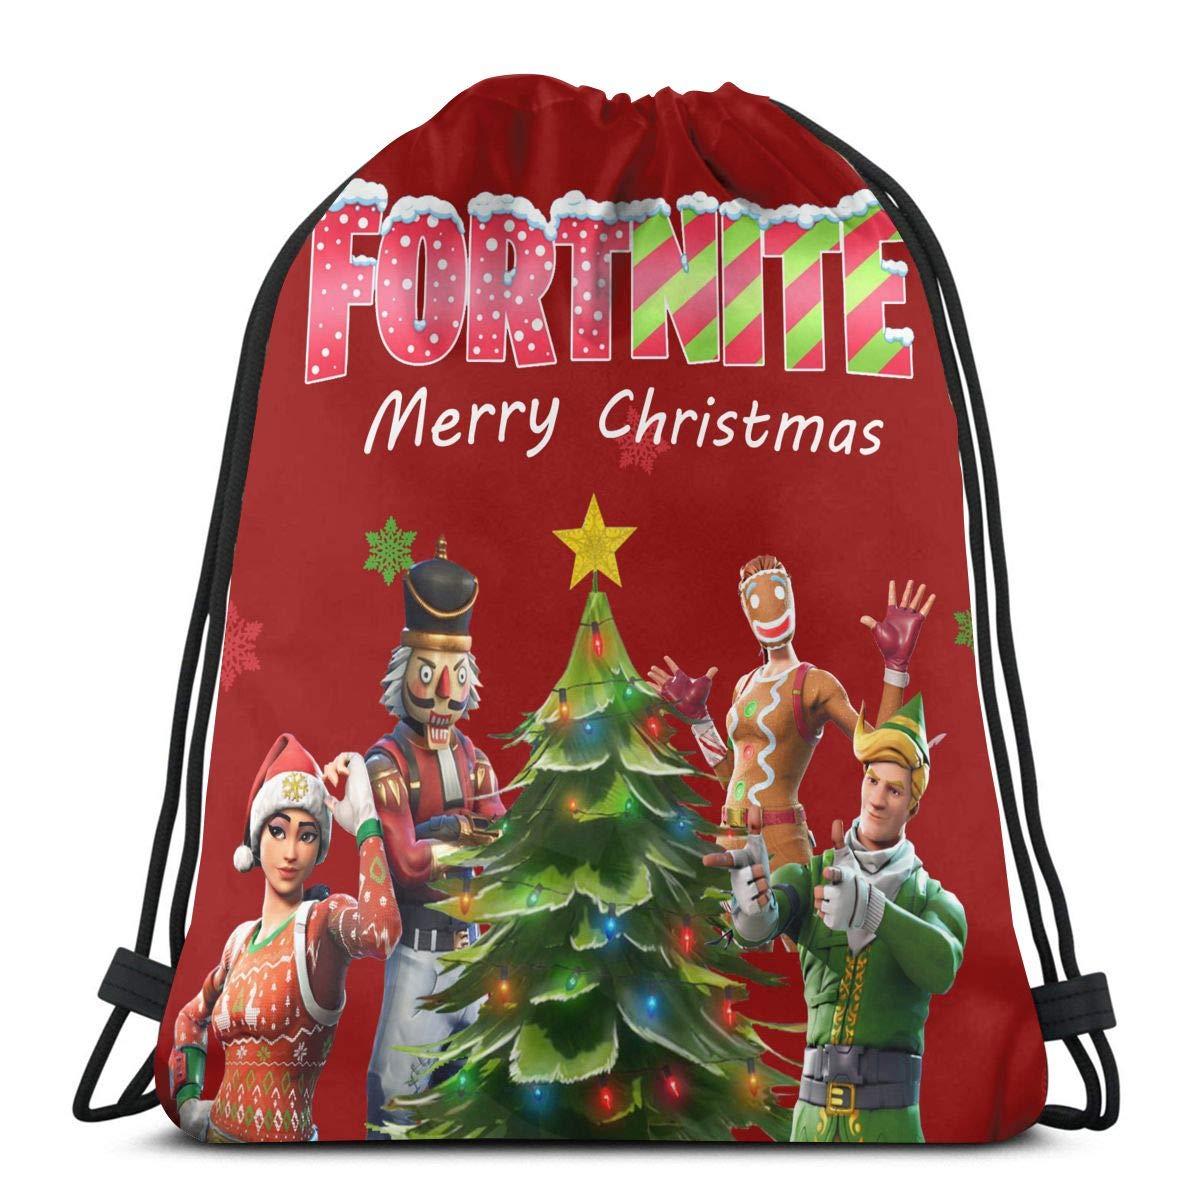 fad30686c0 Amazon.com   FORTNITE Battle ROYALEGym Sackpack Drawstring Backpack Sport  String Bag Cinch Pack Shoulder Bag   Sports   Outdoors